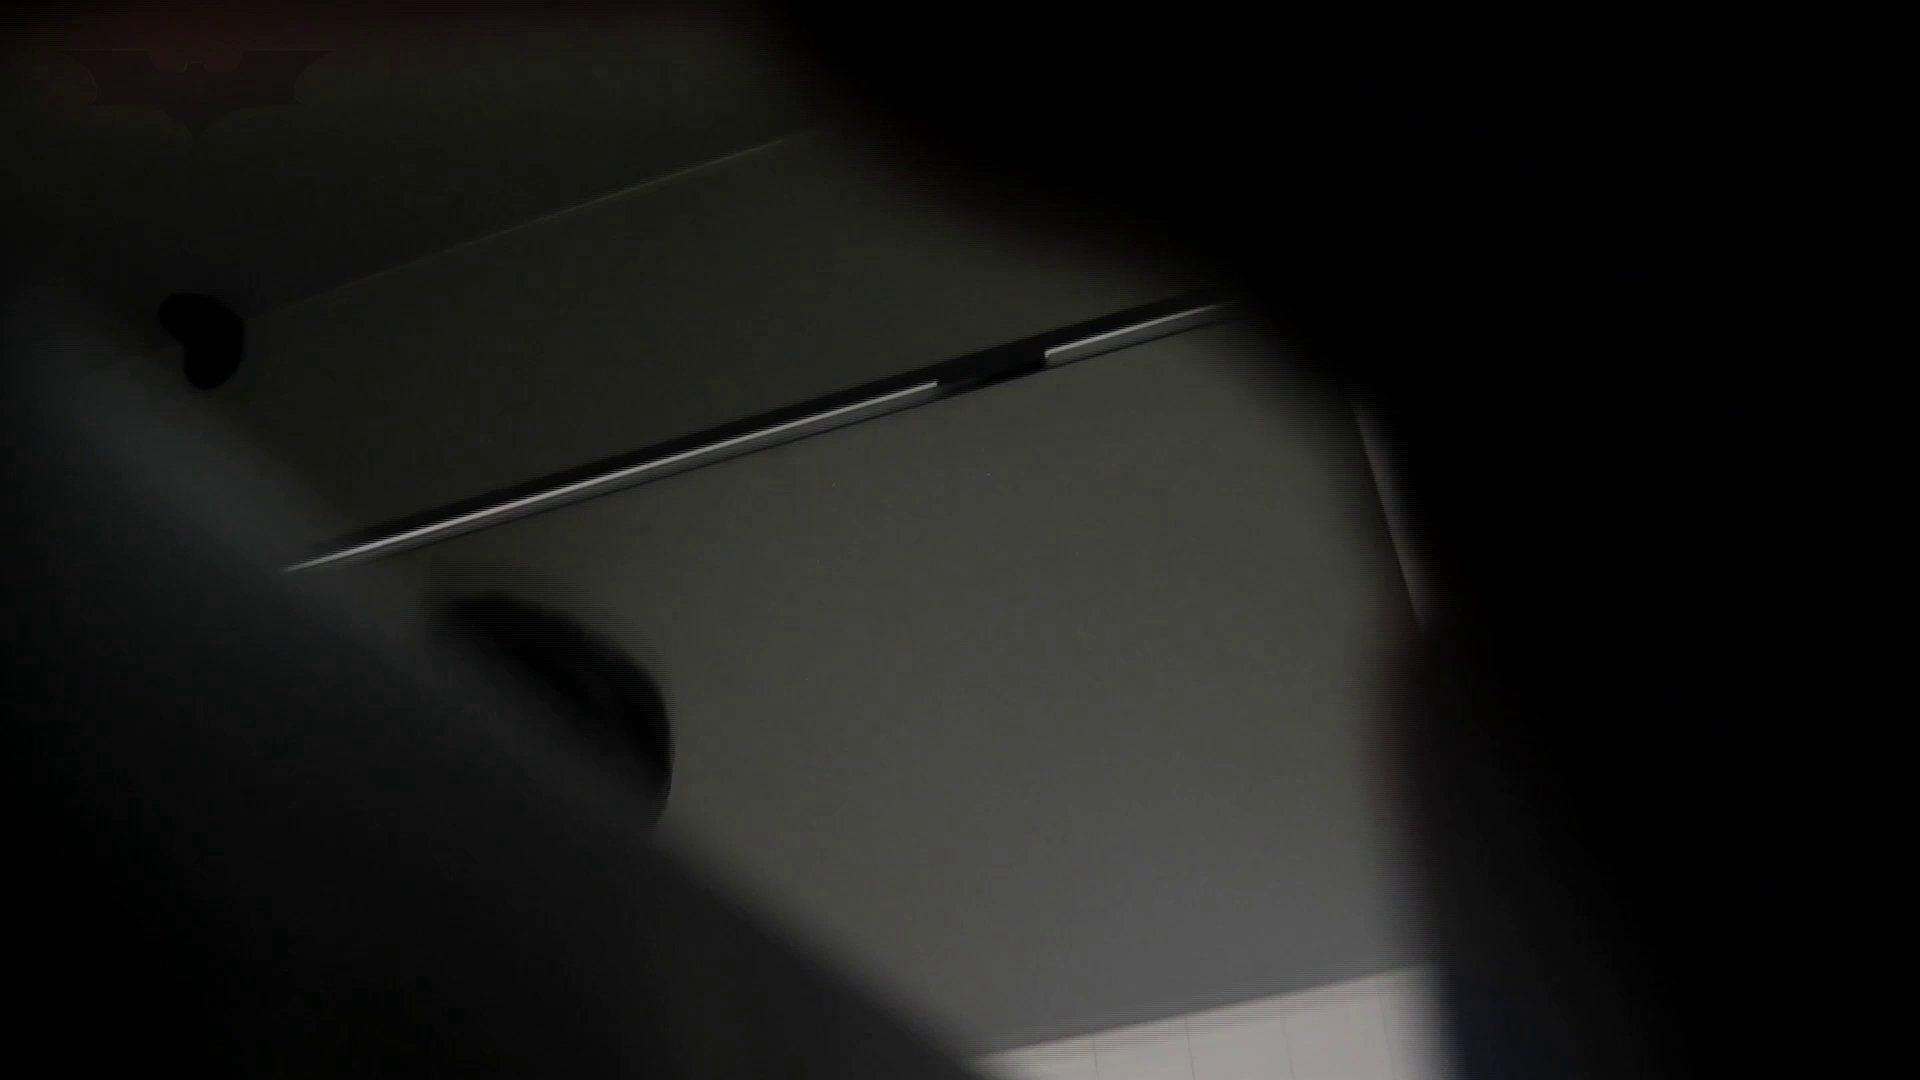 潜入!!台湾名門女学院 Vol.04 二ケツ同時撮り!! 盛合せ SEX無修正画像 108画像 85